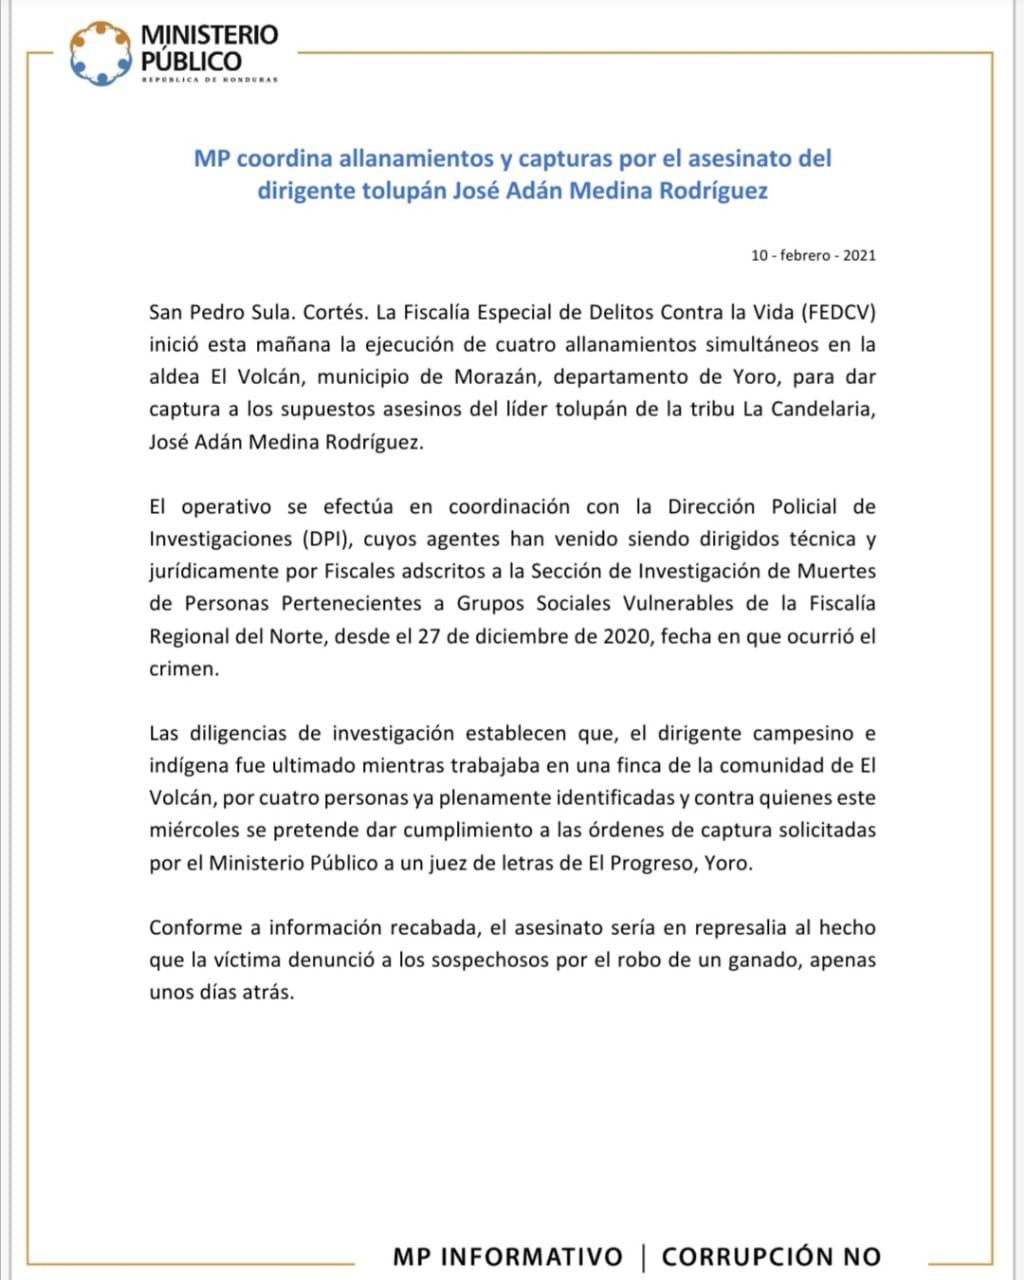 MP coordina allanamientos y capturas por el asesinato del dirigente tolupán José Adán Medina Rodríguez